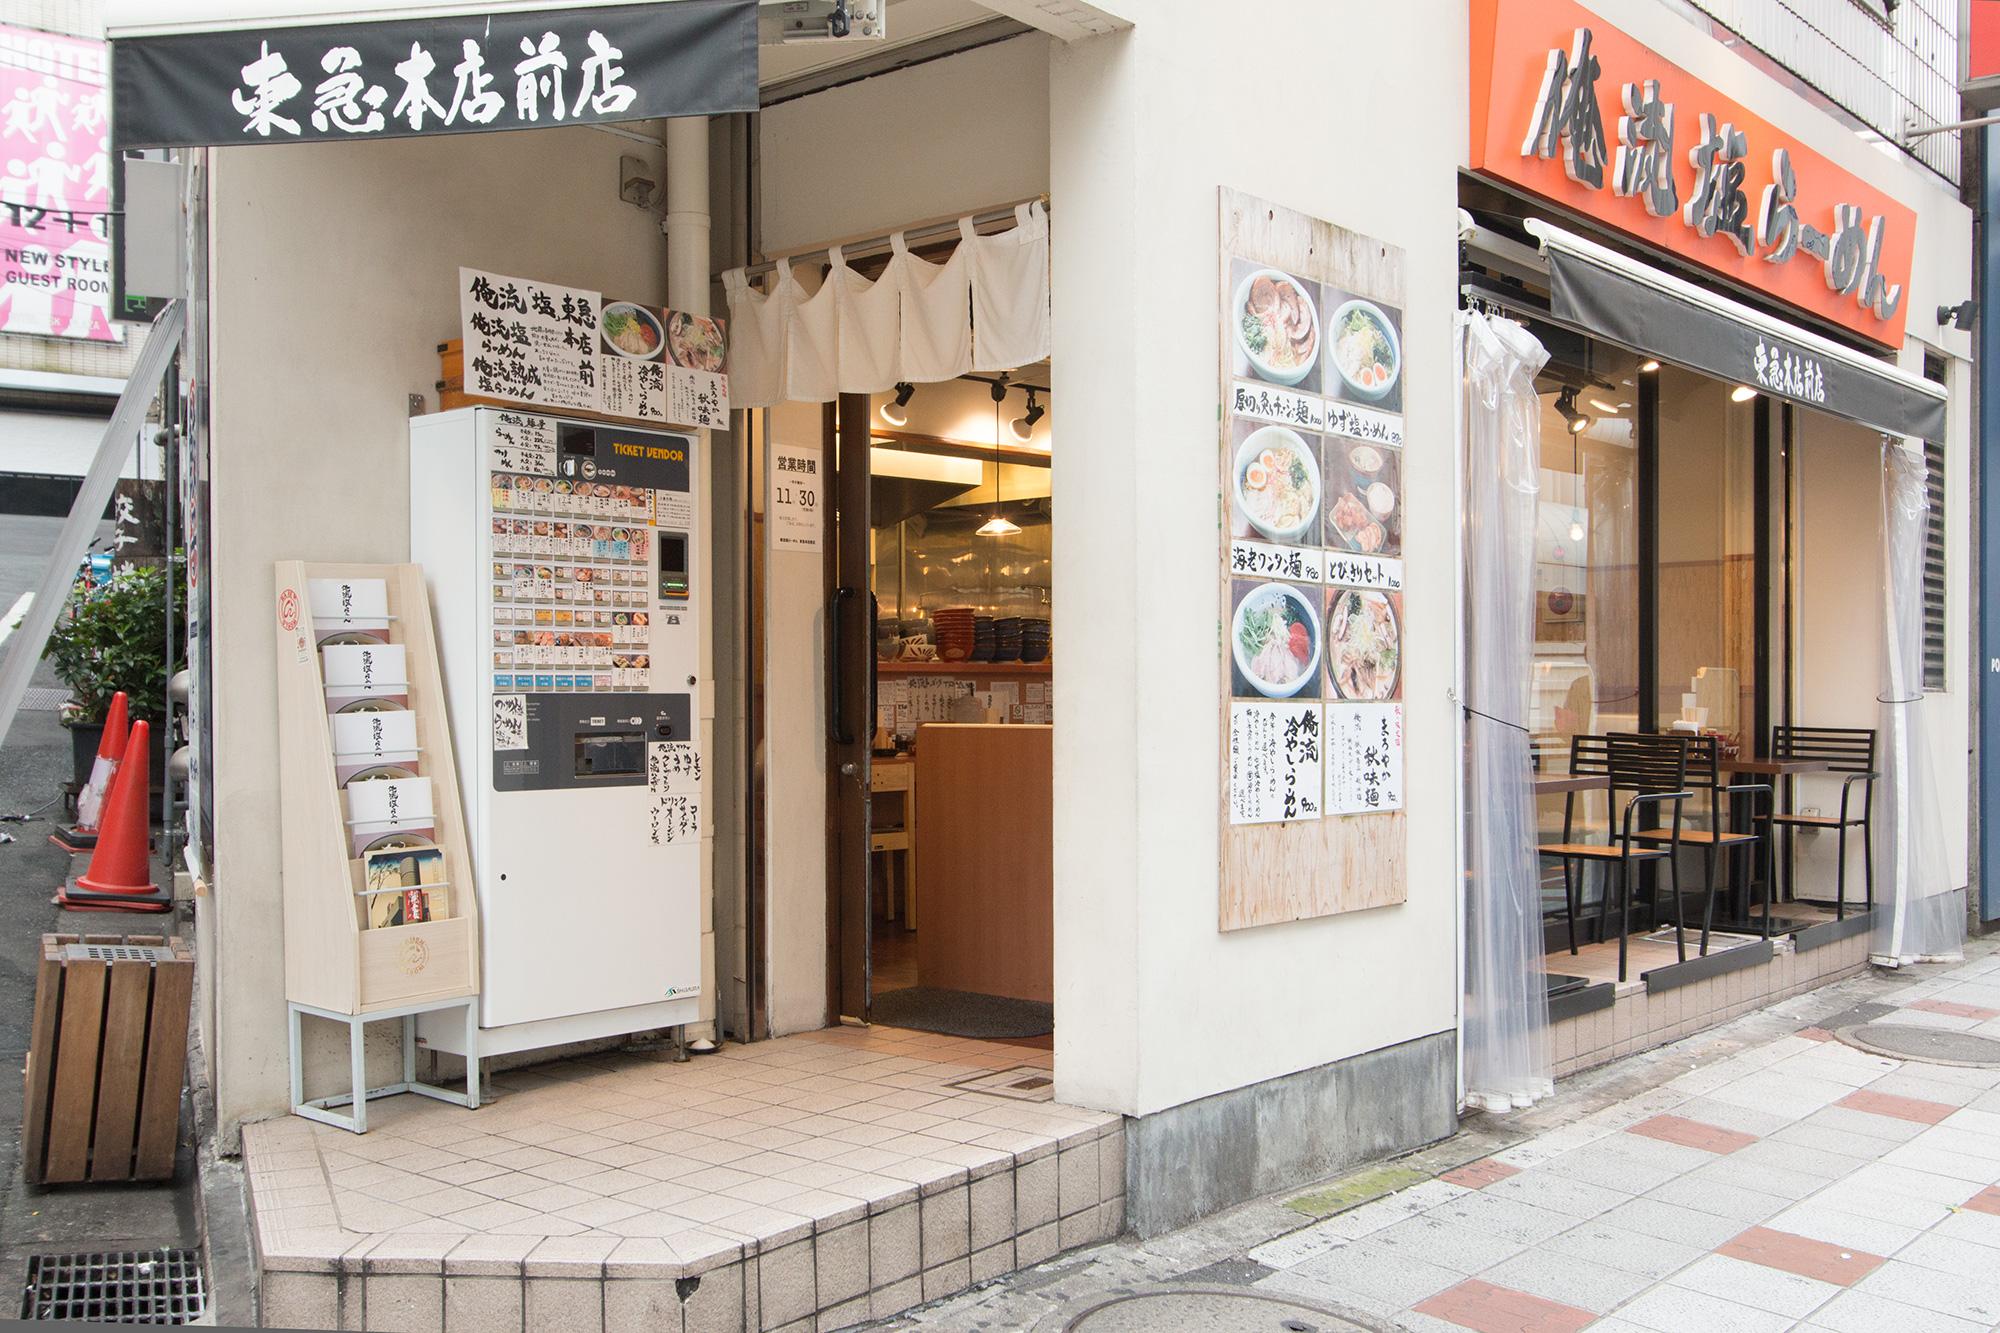 【渋谷】飲み会後の〆の一杯!道玄坂で深夜営業しているラーメン店3選